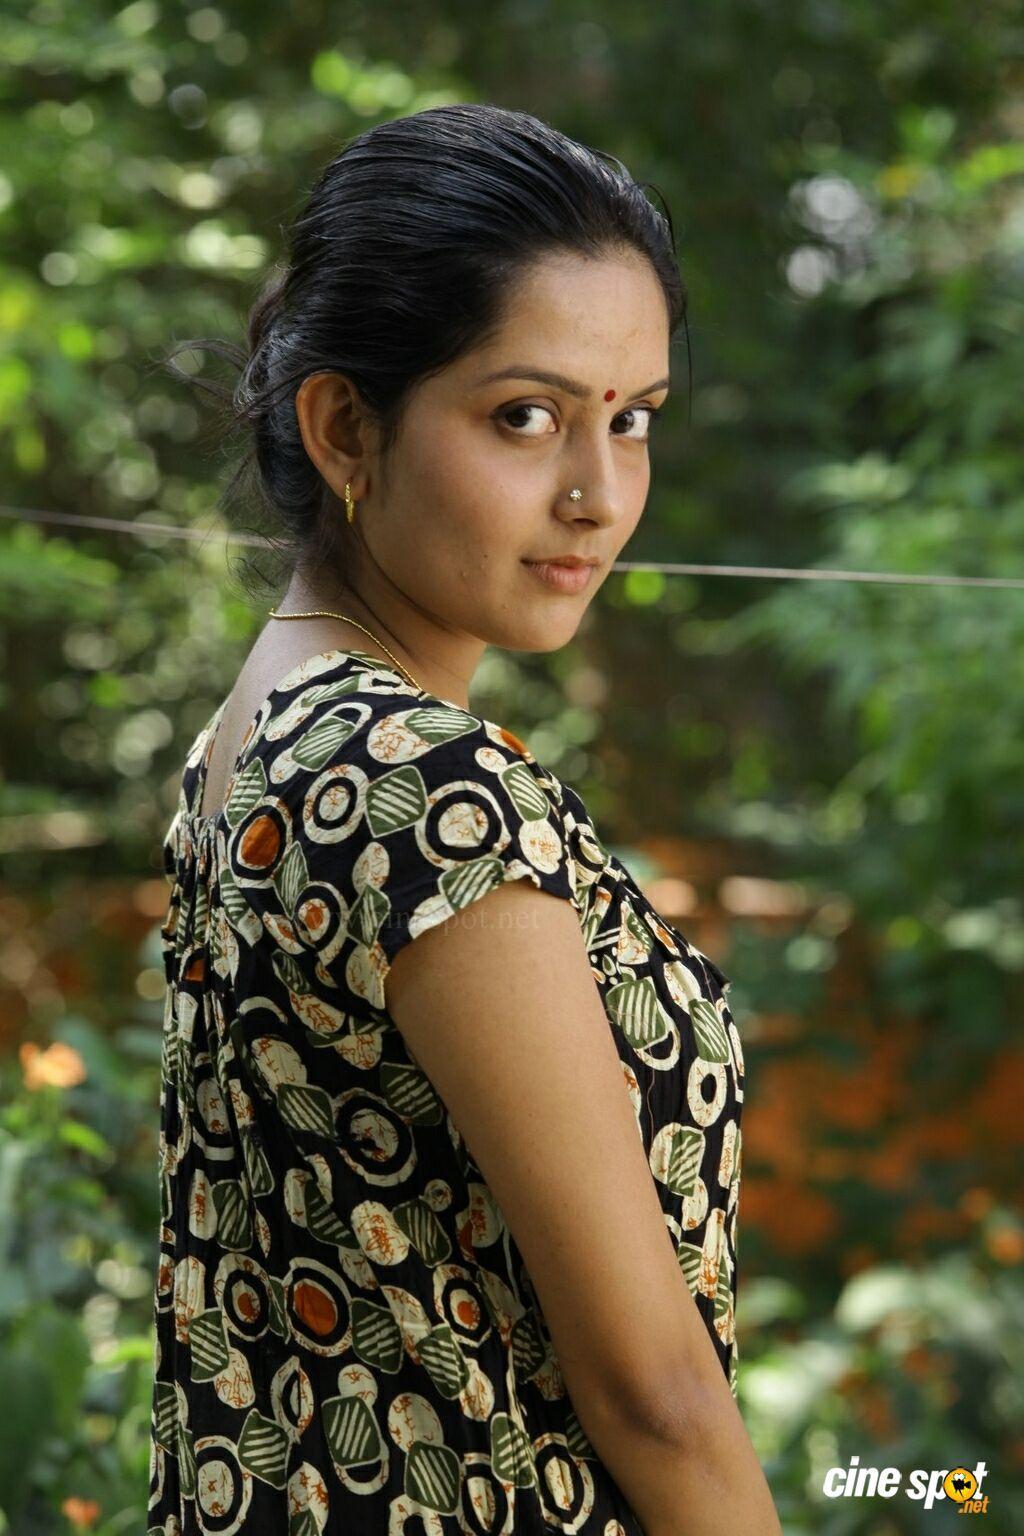 malayalam girls top less photos